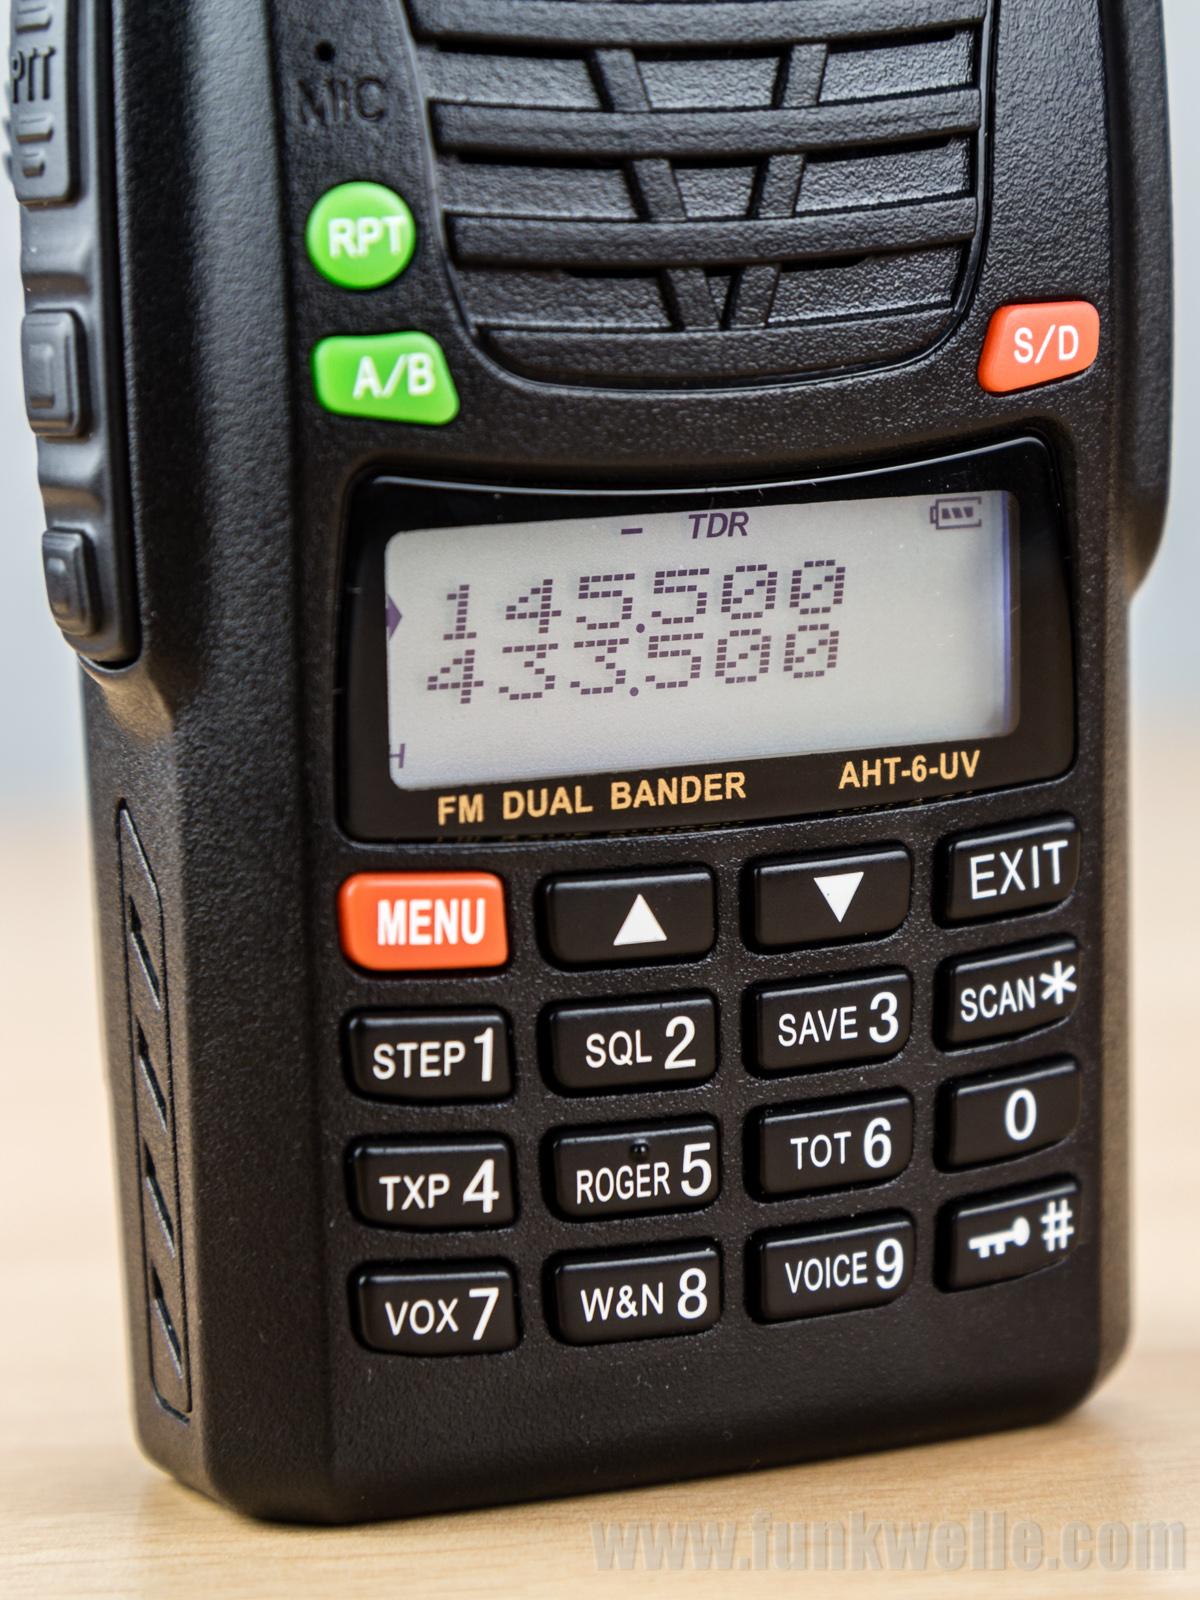 Maas AHT-6-UV / Wouxun KG-UV6D Bedienfeld